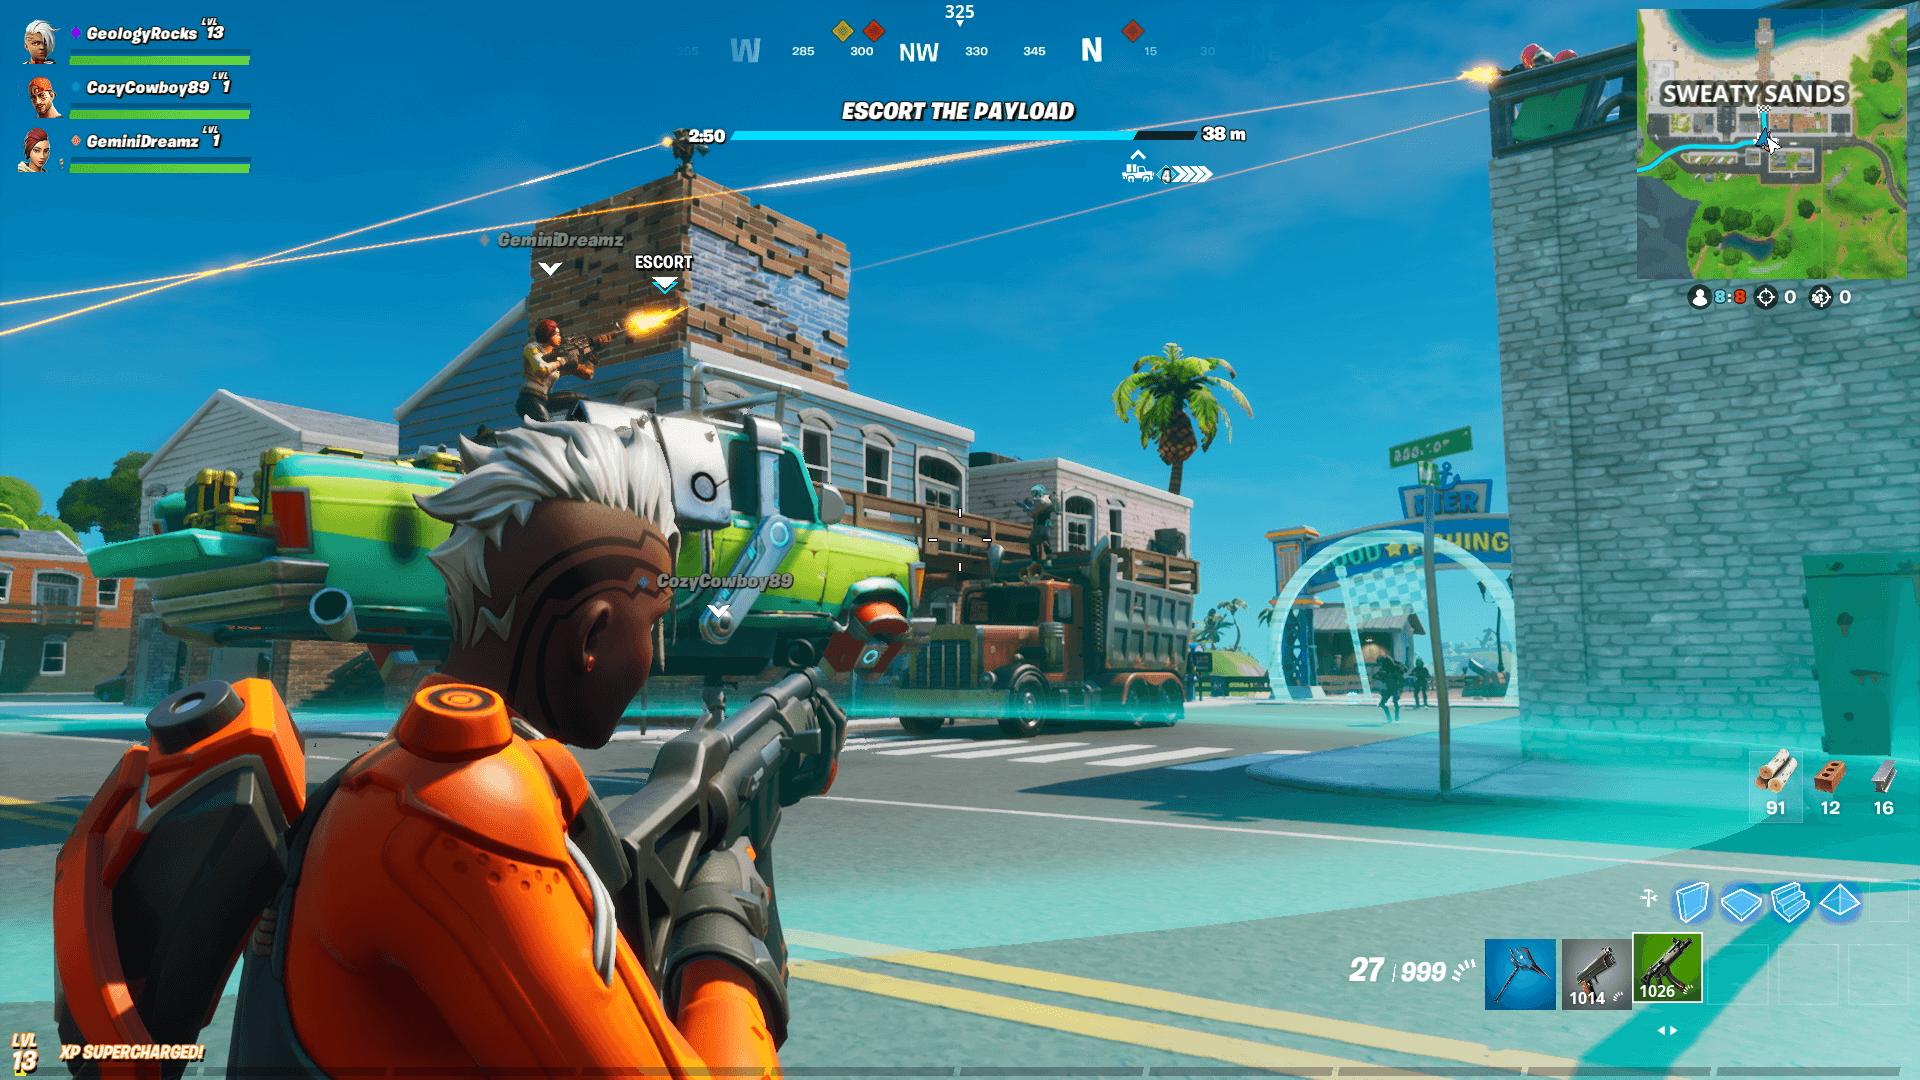 Fortnite Update 3.17